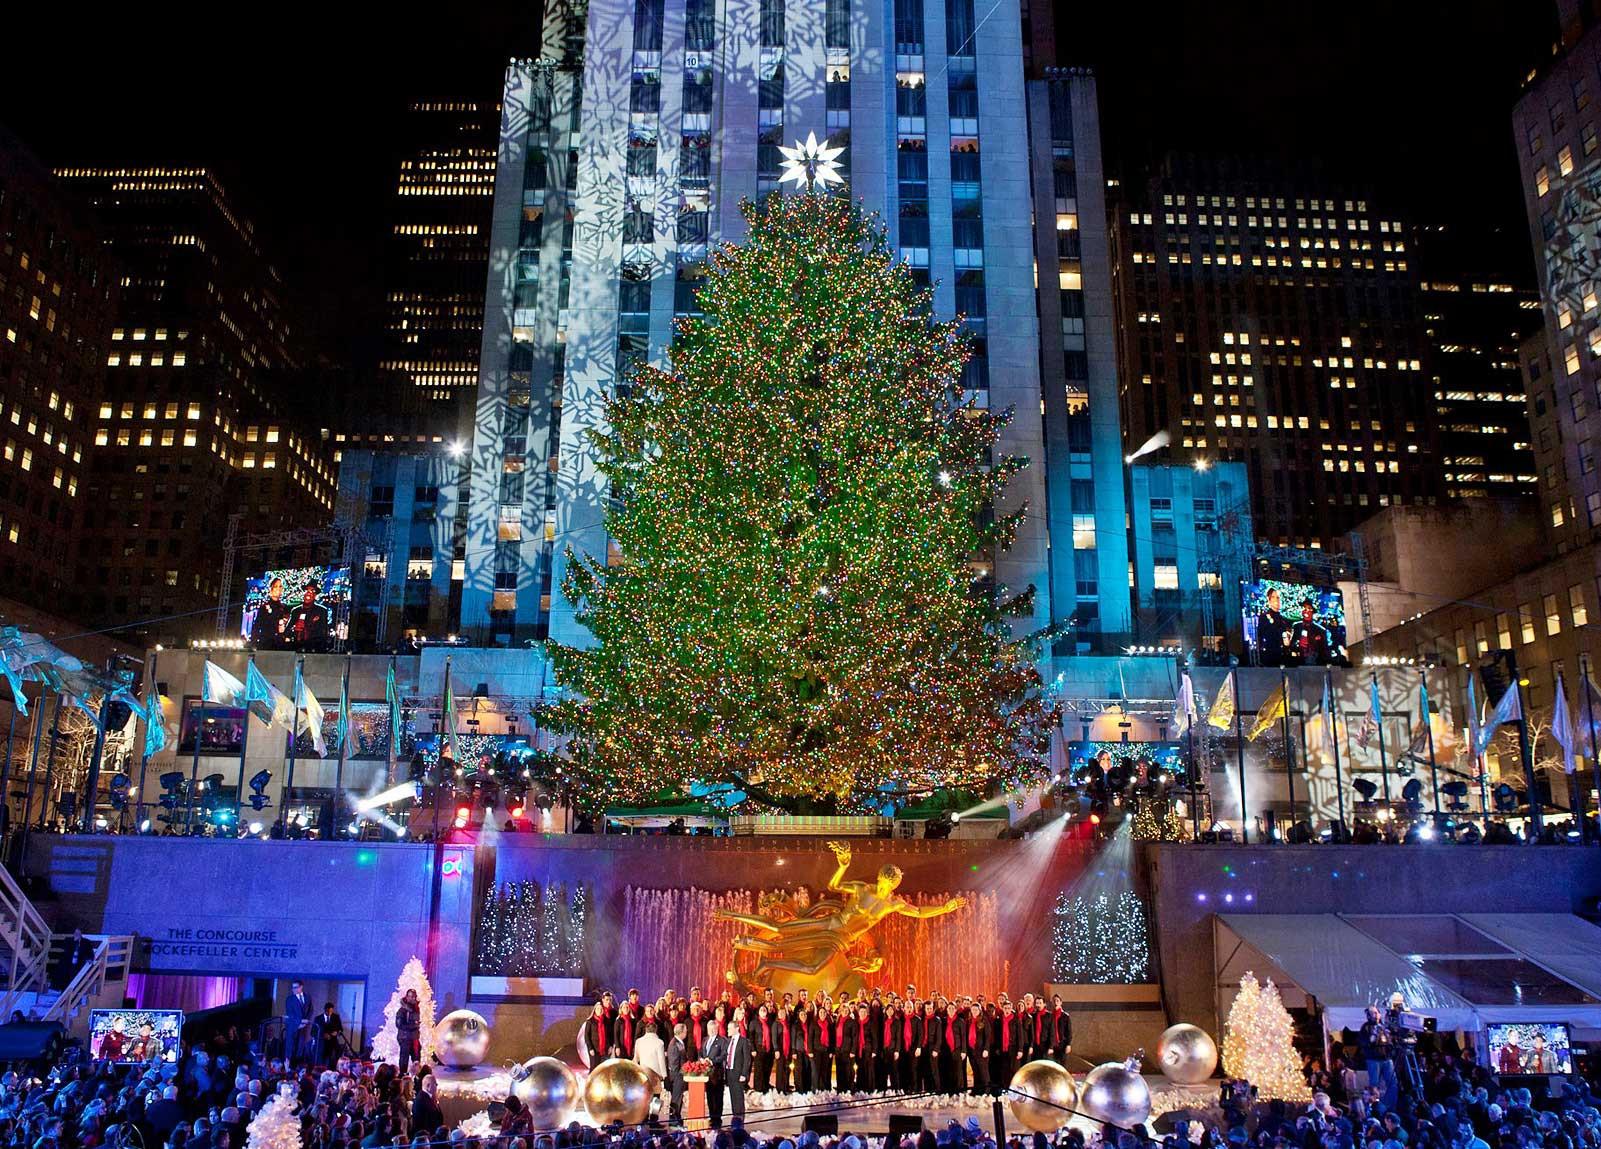 Christmas Tree Lighting 2019  Christmas in New York 2019 Rockefeller Center Christmas Tree